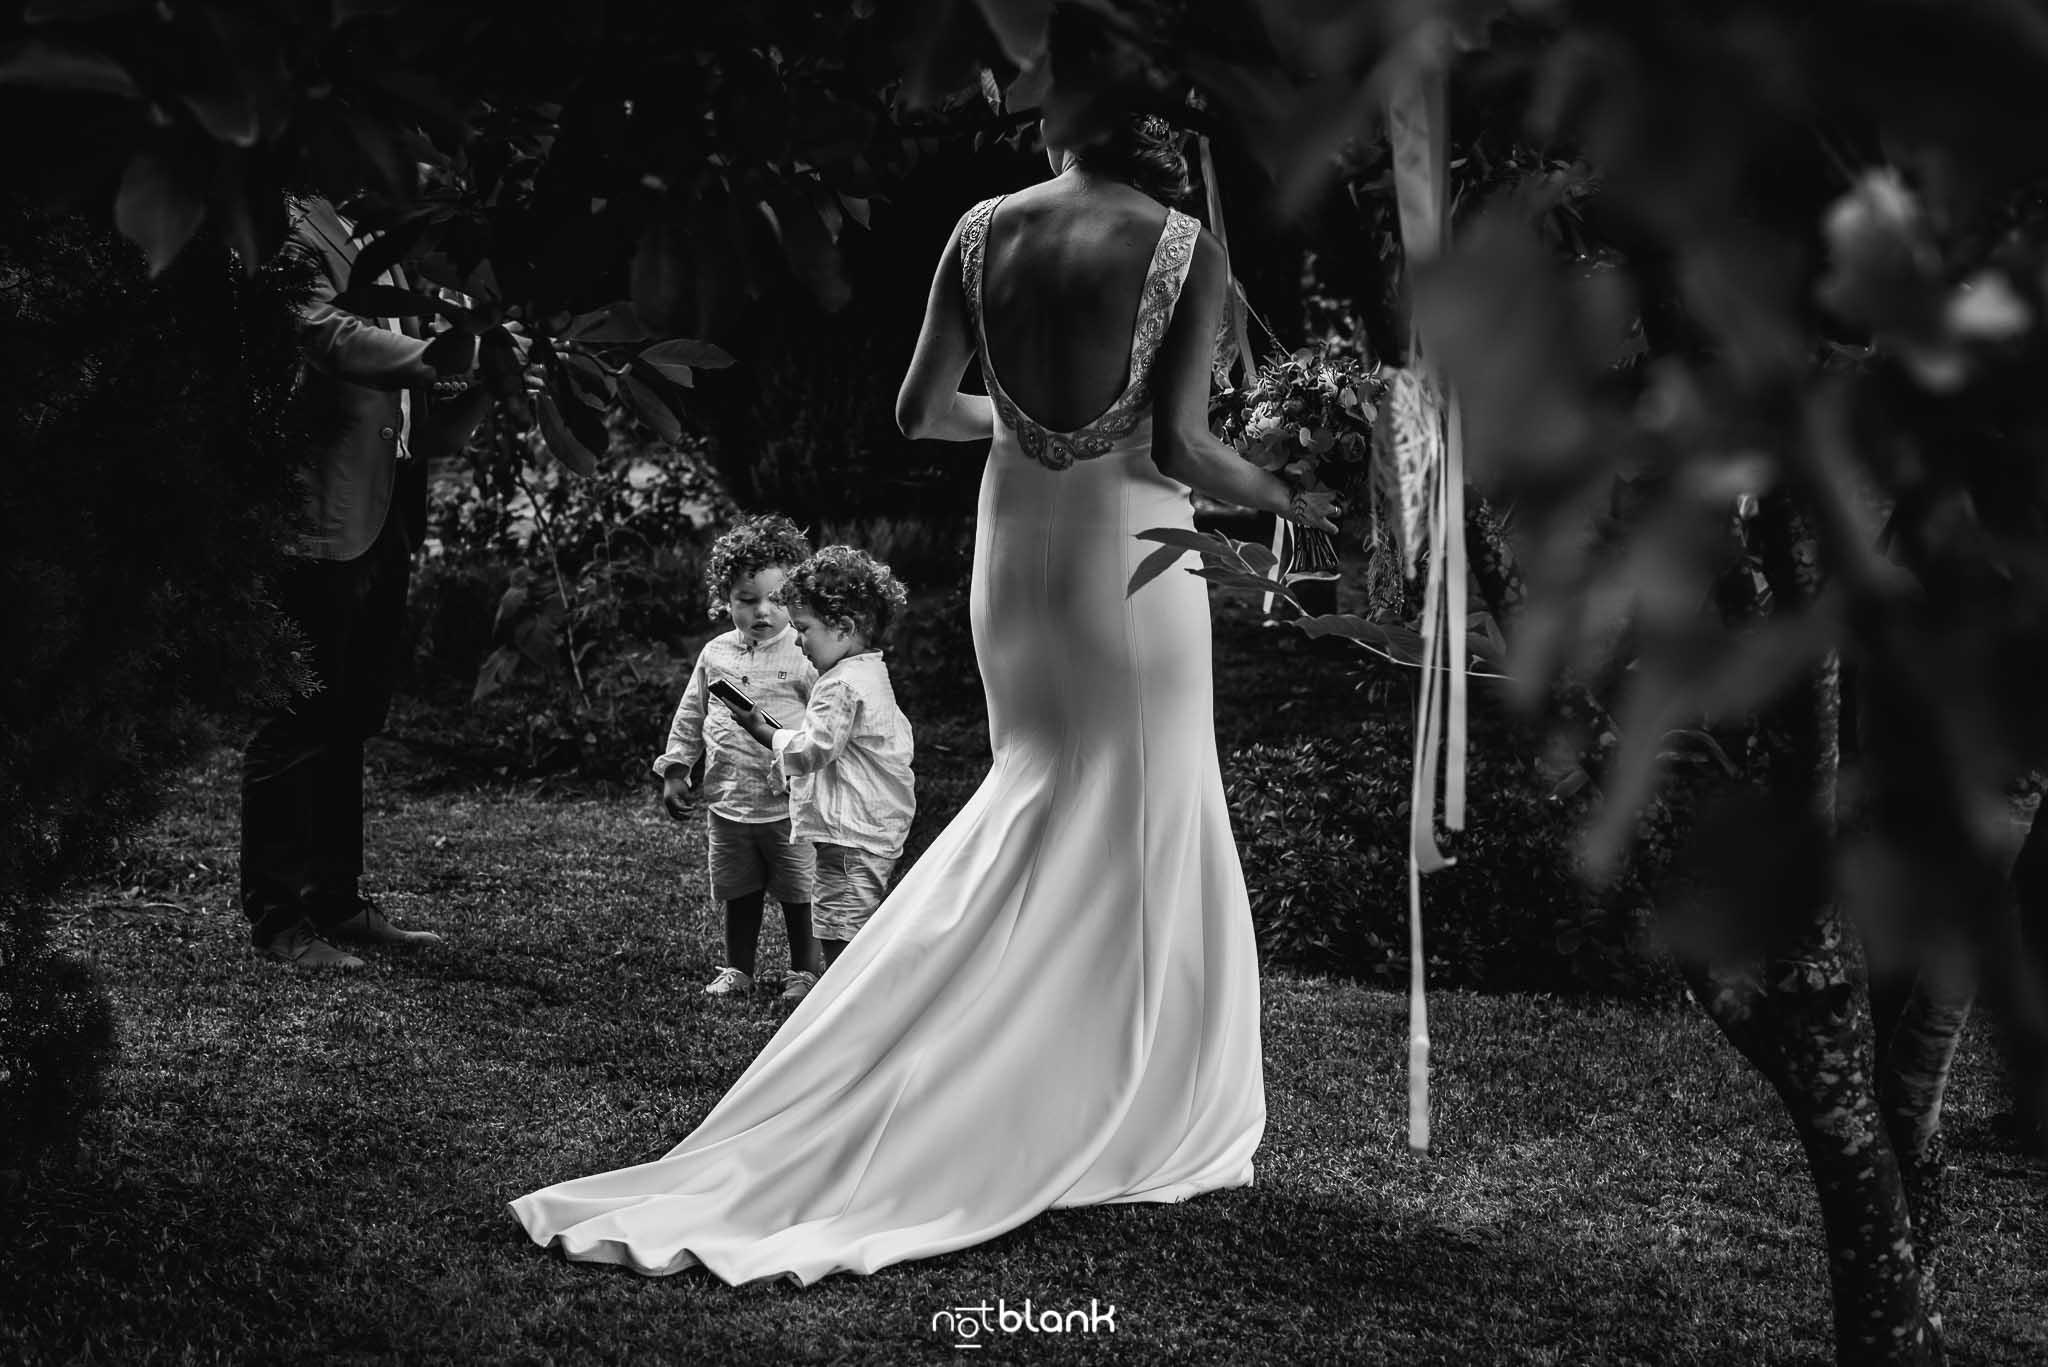 Boda En El Jardin De Casa Jana y Fran - La novia mira a dos hermanos gemelos que juegan con un telefono movil - Notblank Fotografos de boda